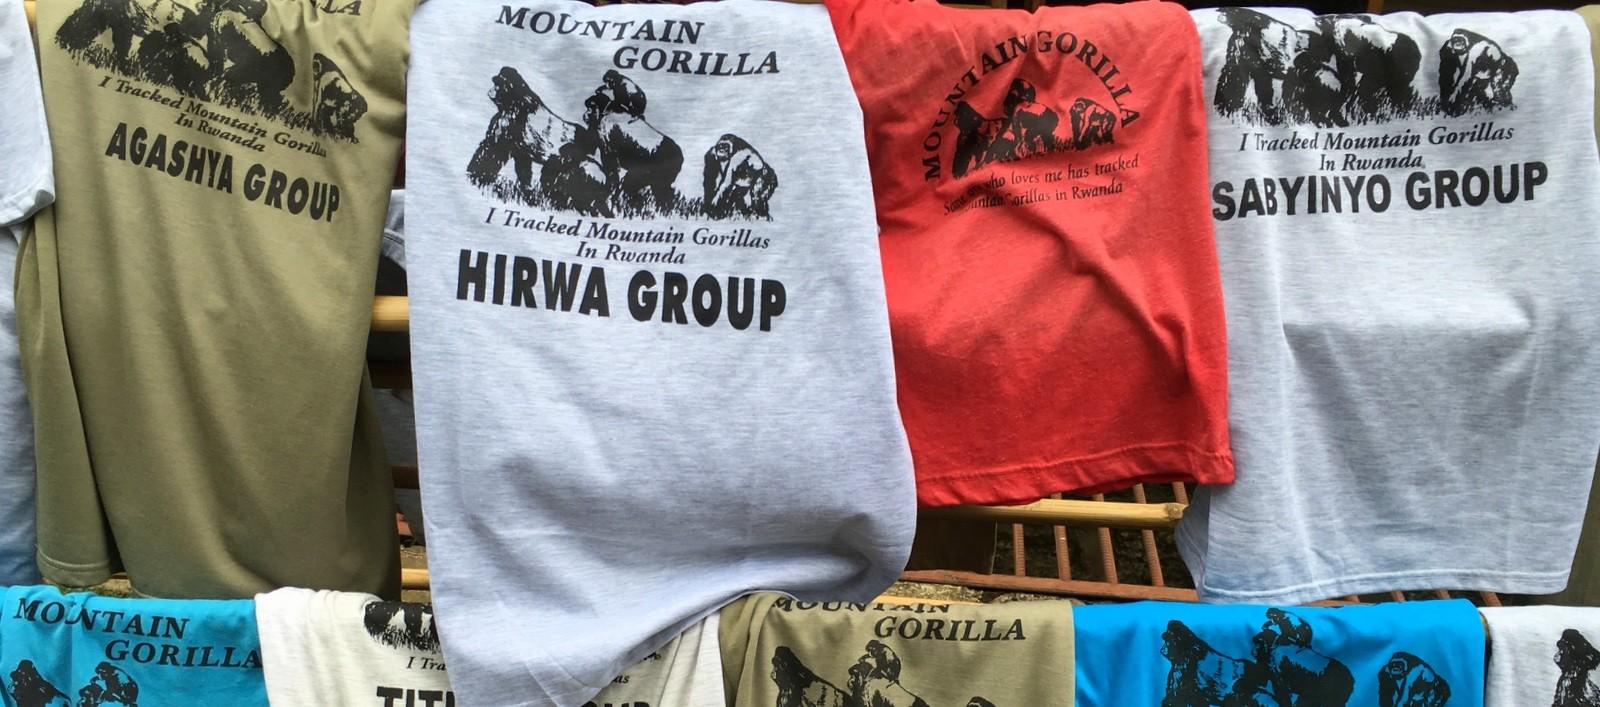 Hirwa gorilla group Rwanda